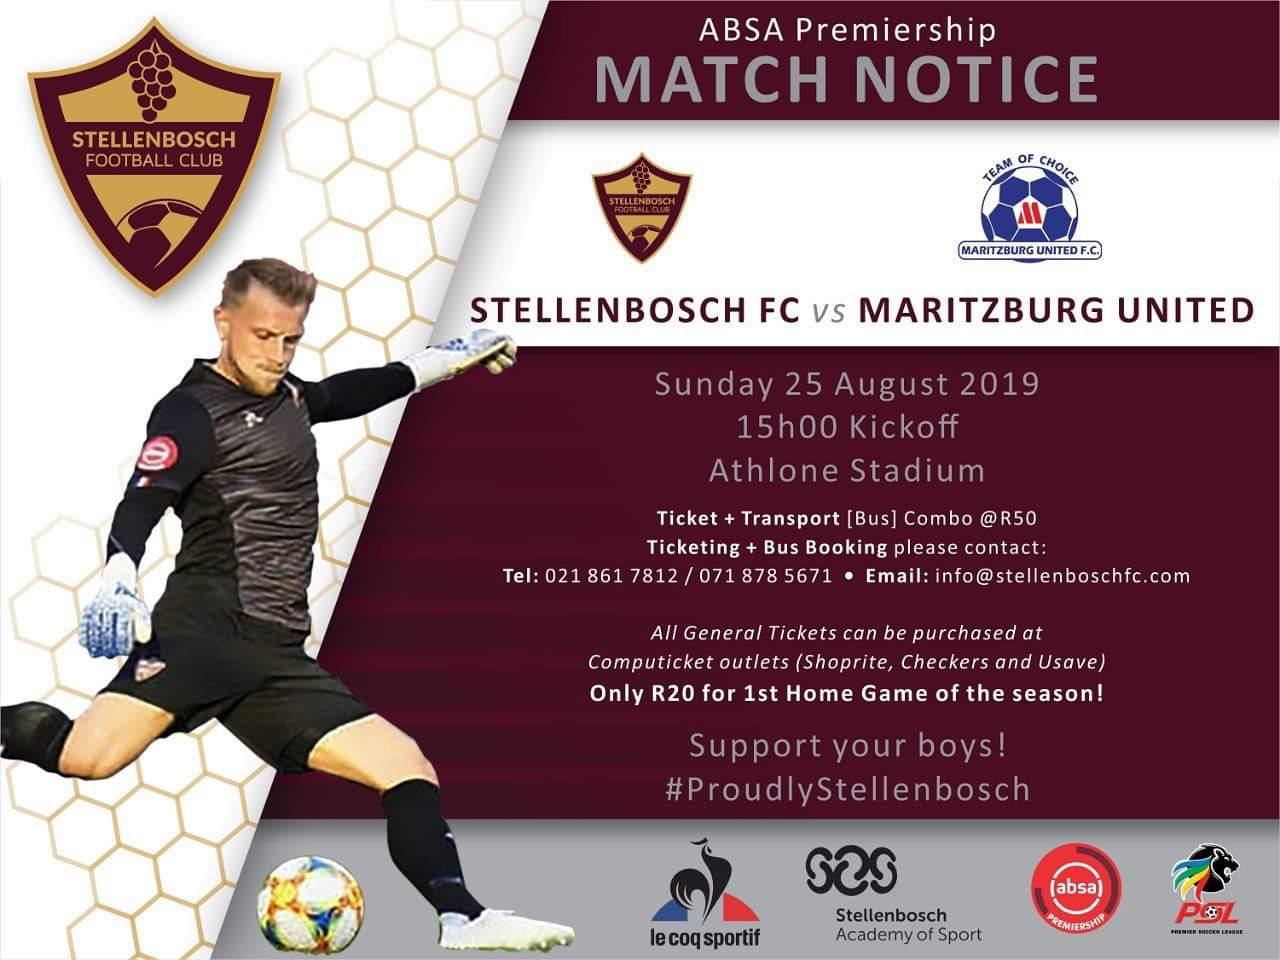 Match Notice